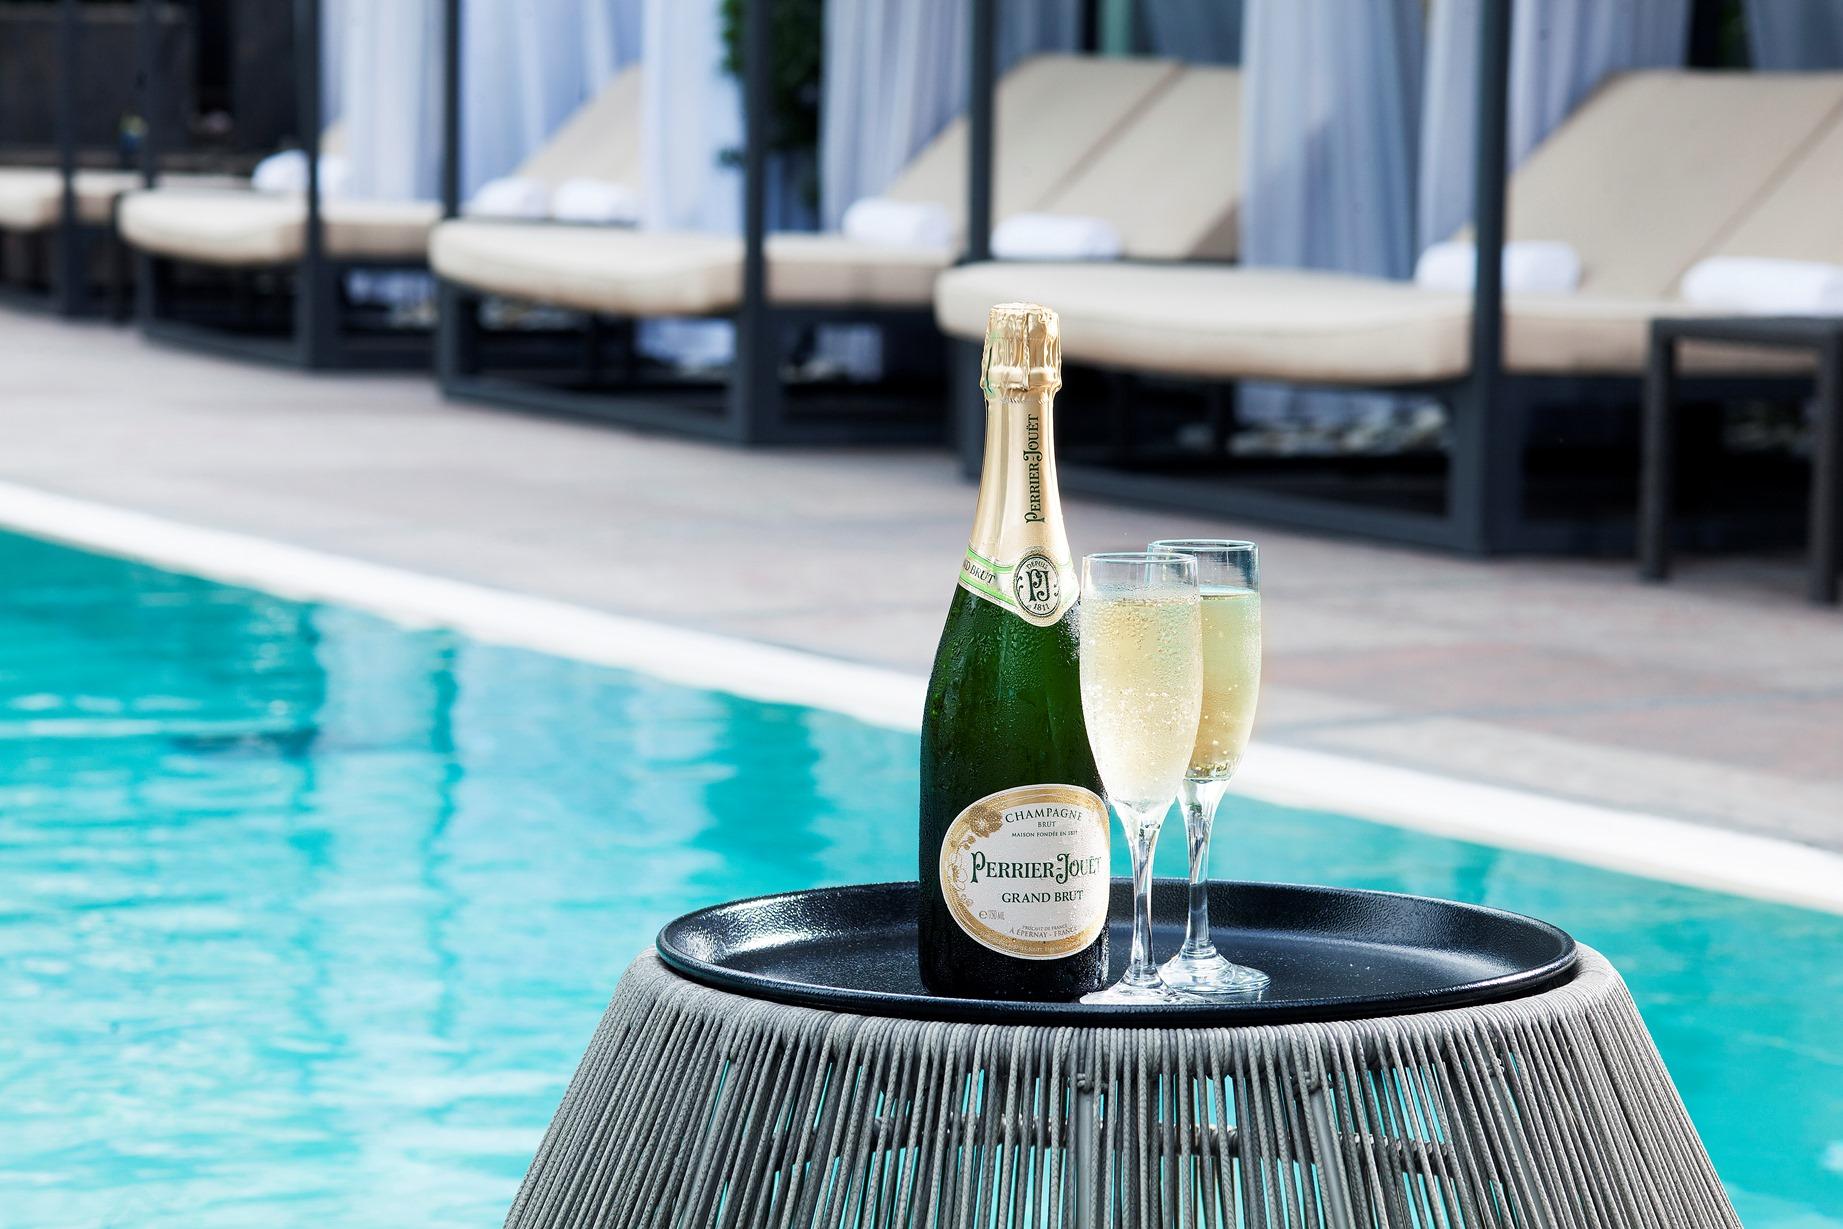 絕不能錯過下午4時至5時供應的香檳暢飲。